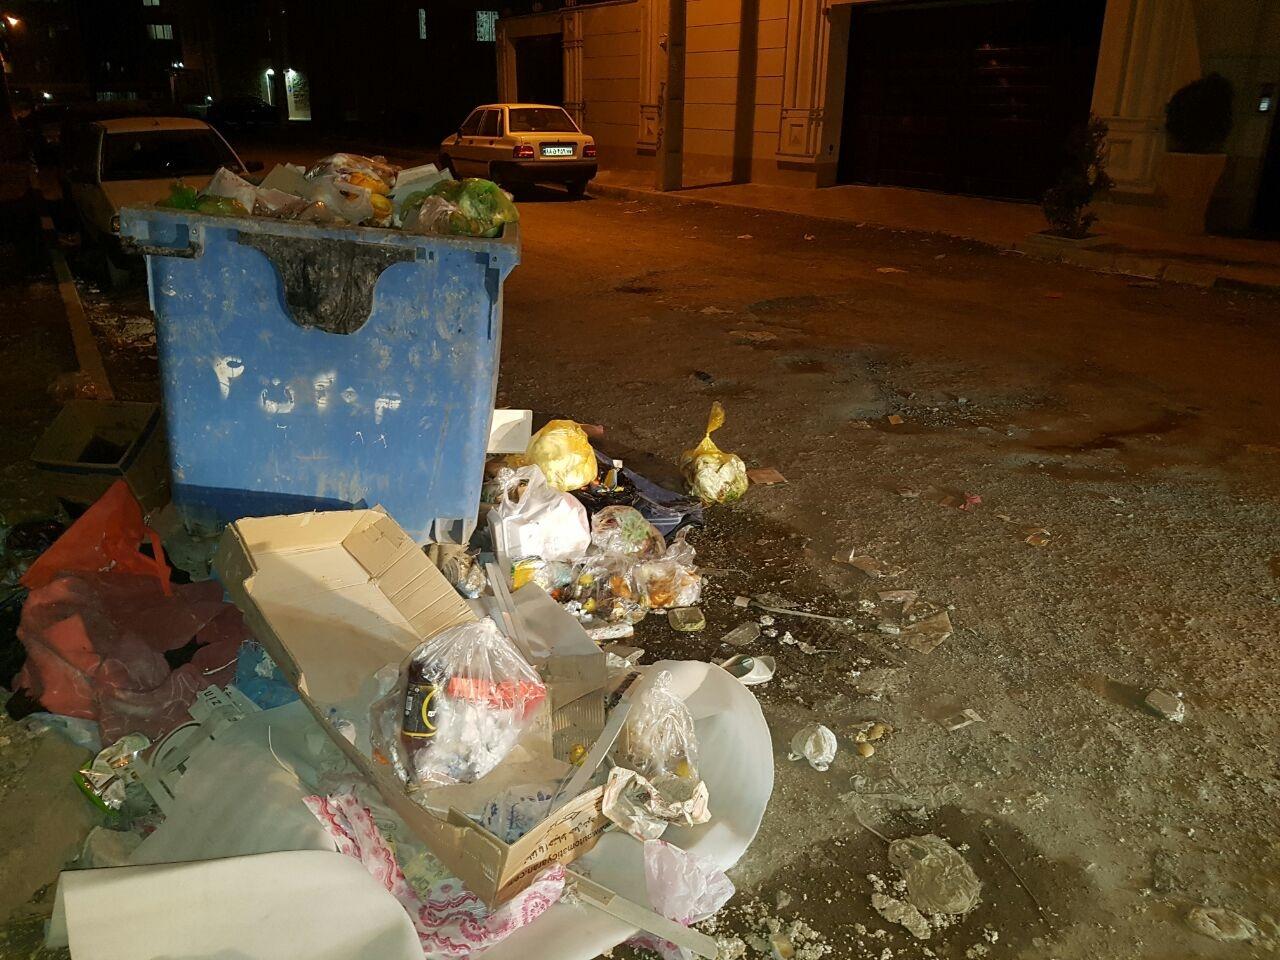 به داد شهروندان مجتمع مسکونی عقیق در دولتآباد برسید/ ساکنان: آسفالت نداریم، زبالهها تلنبار شده!